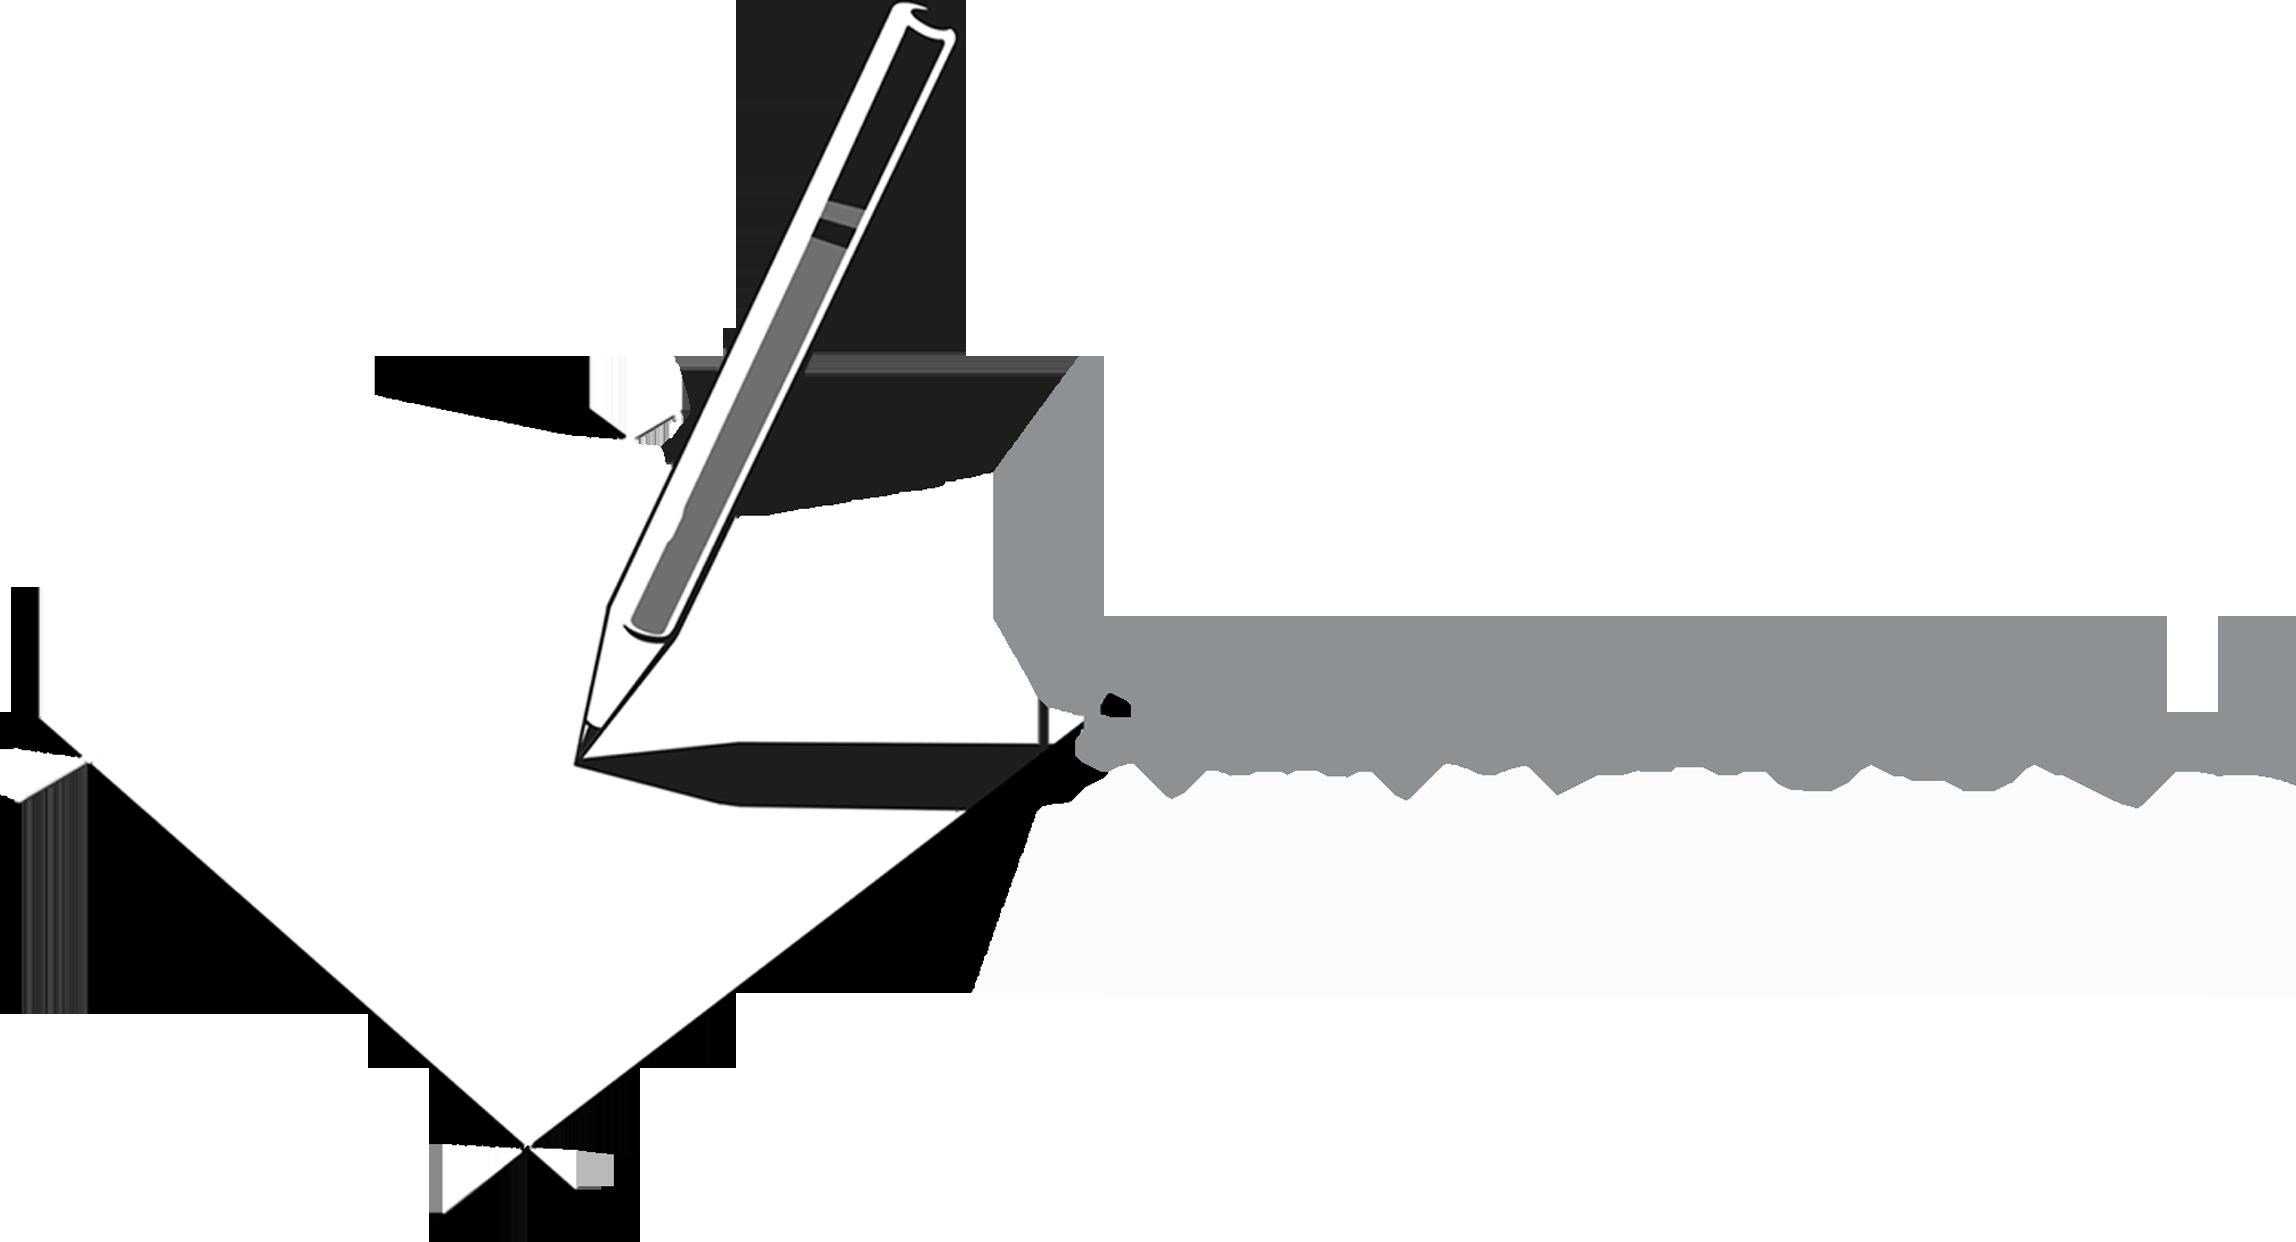 Handmade Visuals